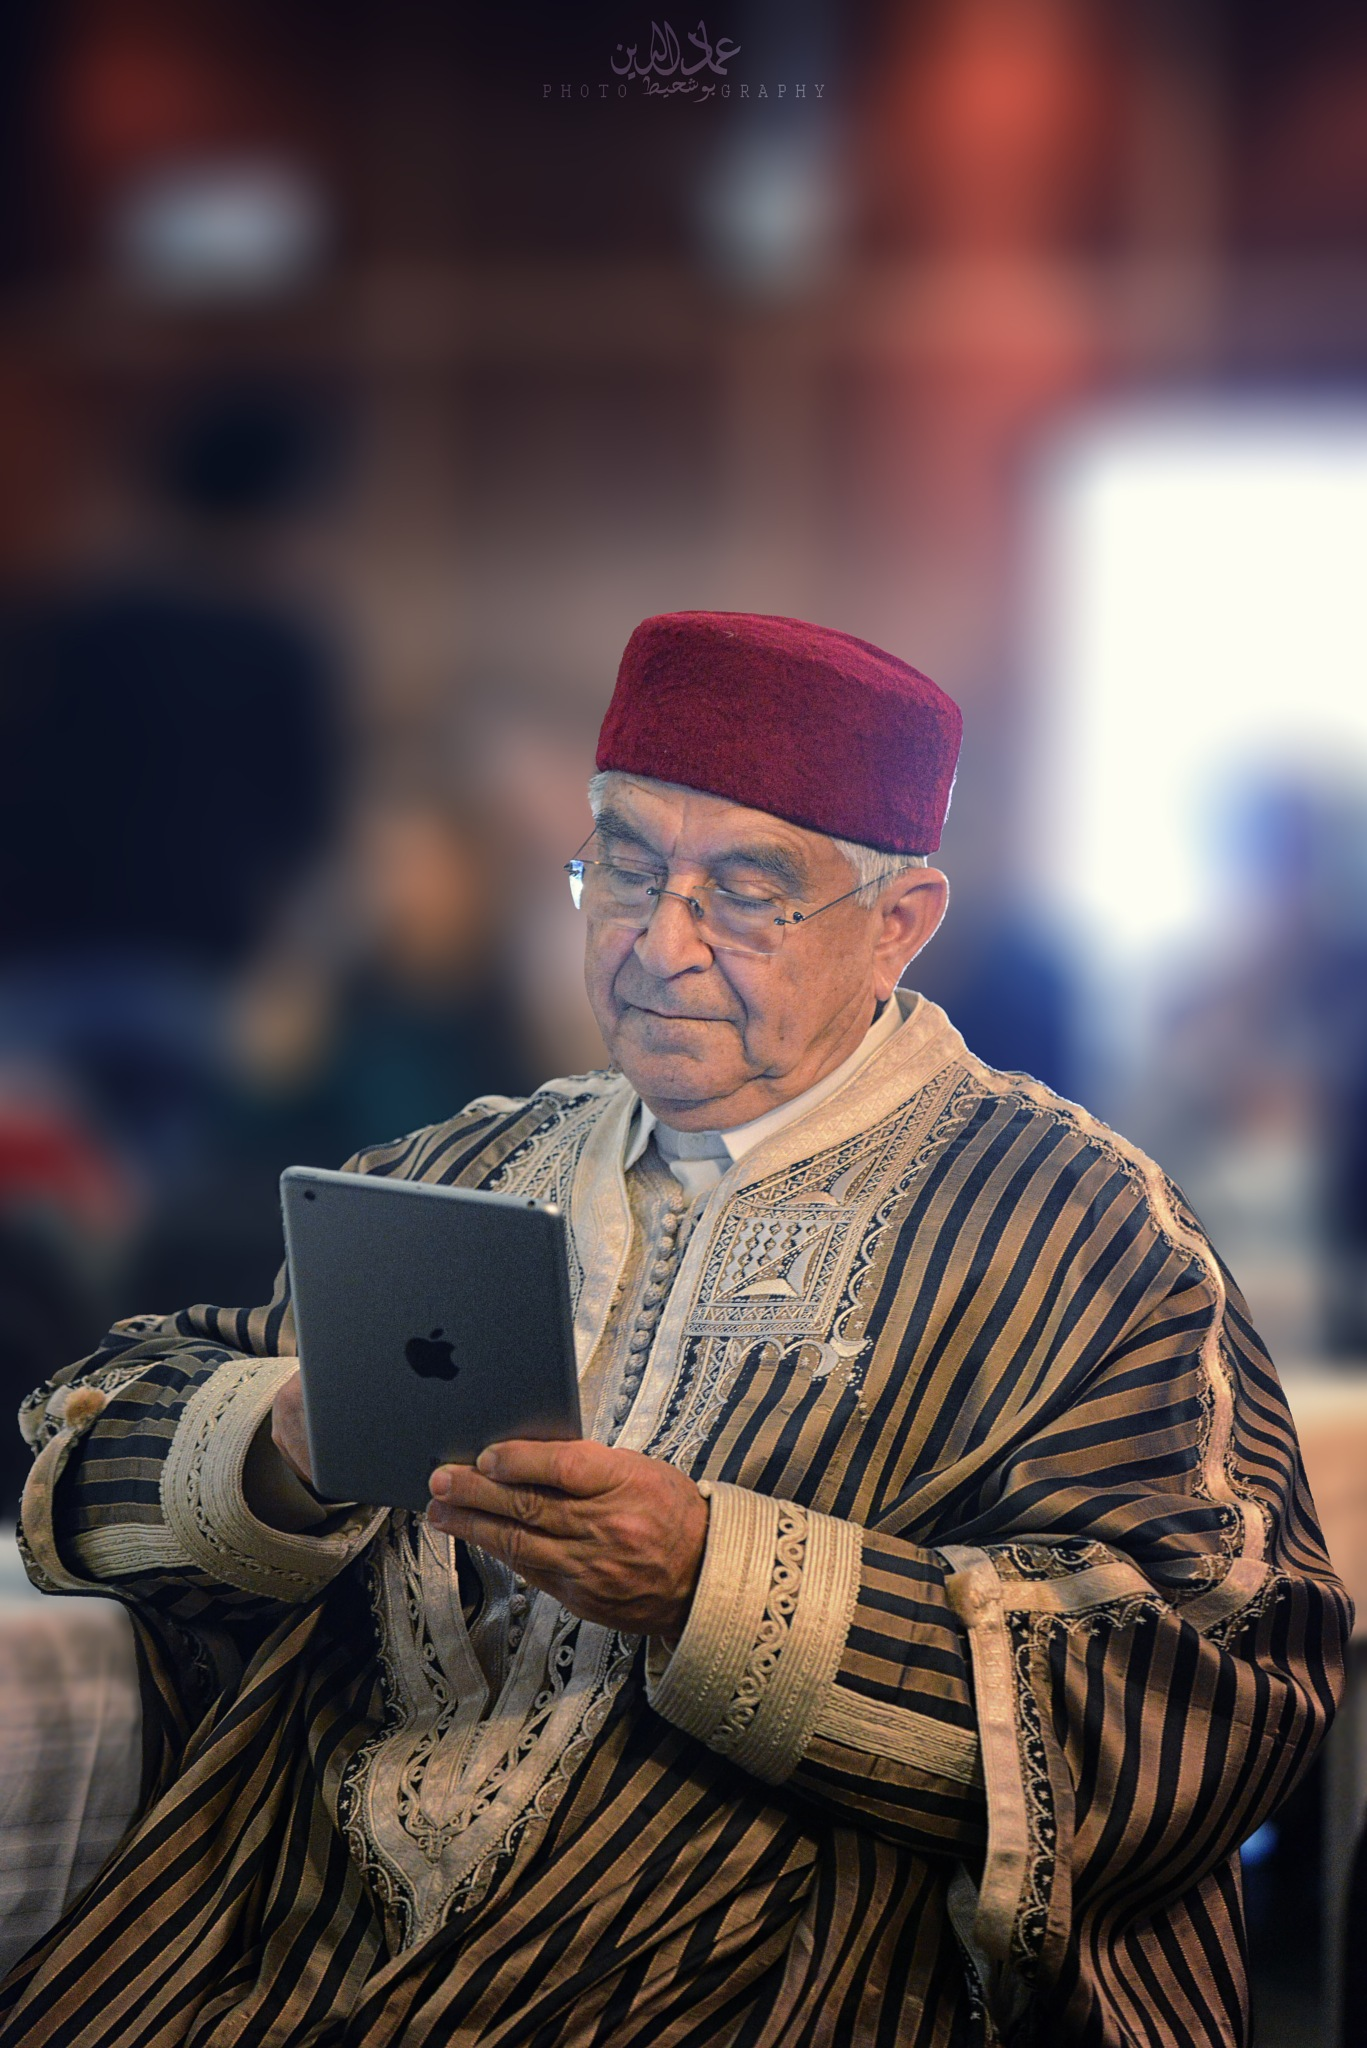 اللهم قدر لنا الفرح و المسلمين بكل أشكاله  أنت الكريم الدي لا حدود لعطائك  by Imad Eddine